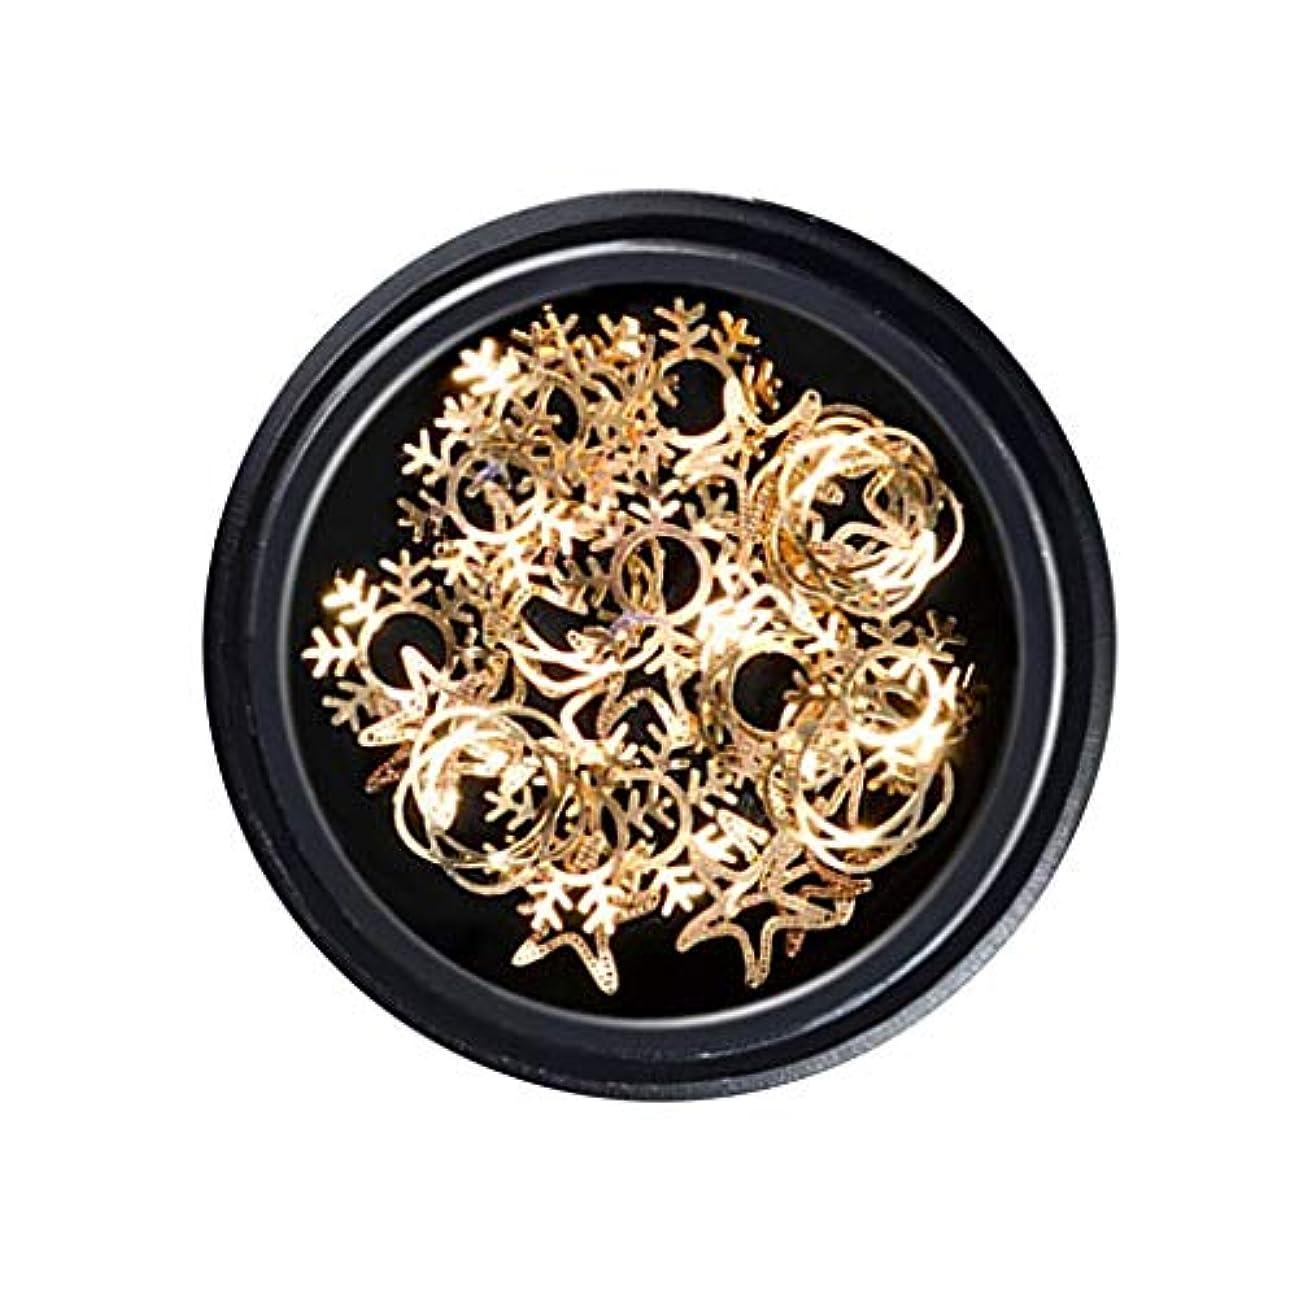 バレーボール打ち負かす膜DYNWAVE ネイルアートスノーフレーク装飾ステッカー ネイル用品 スパンコール